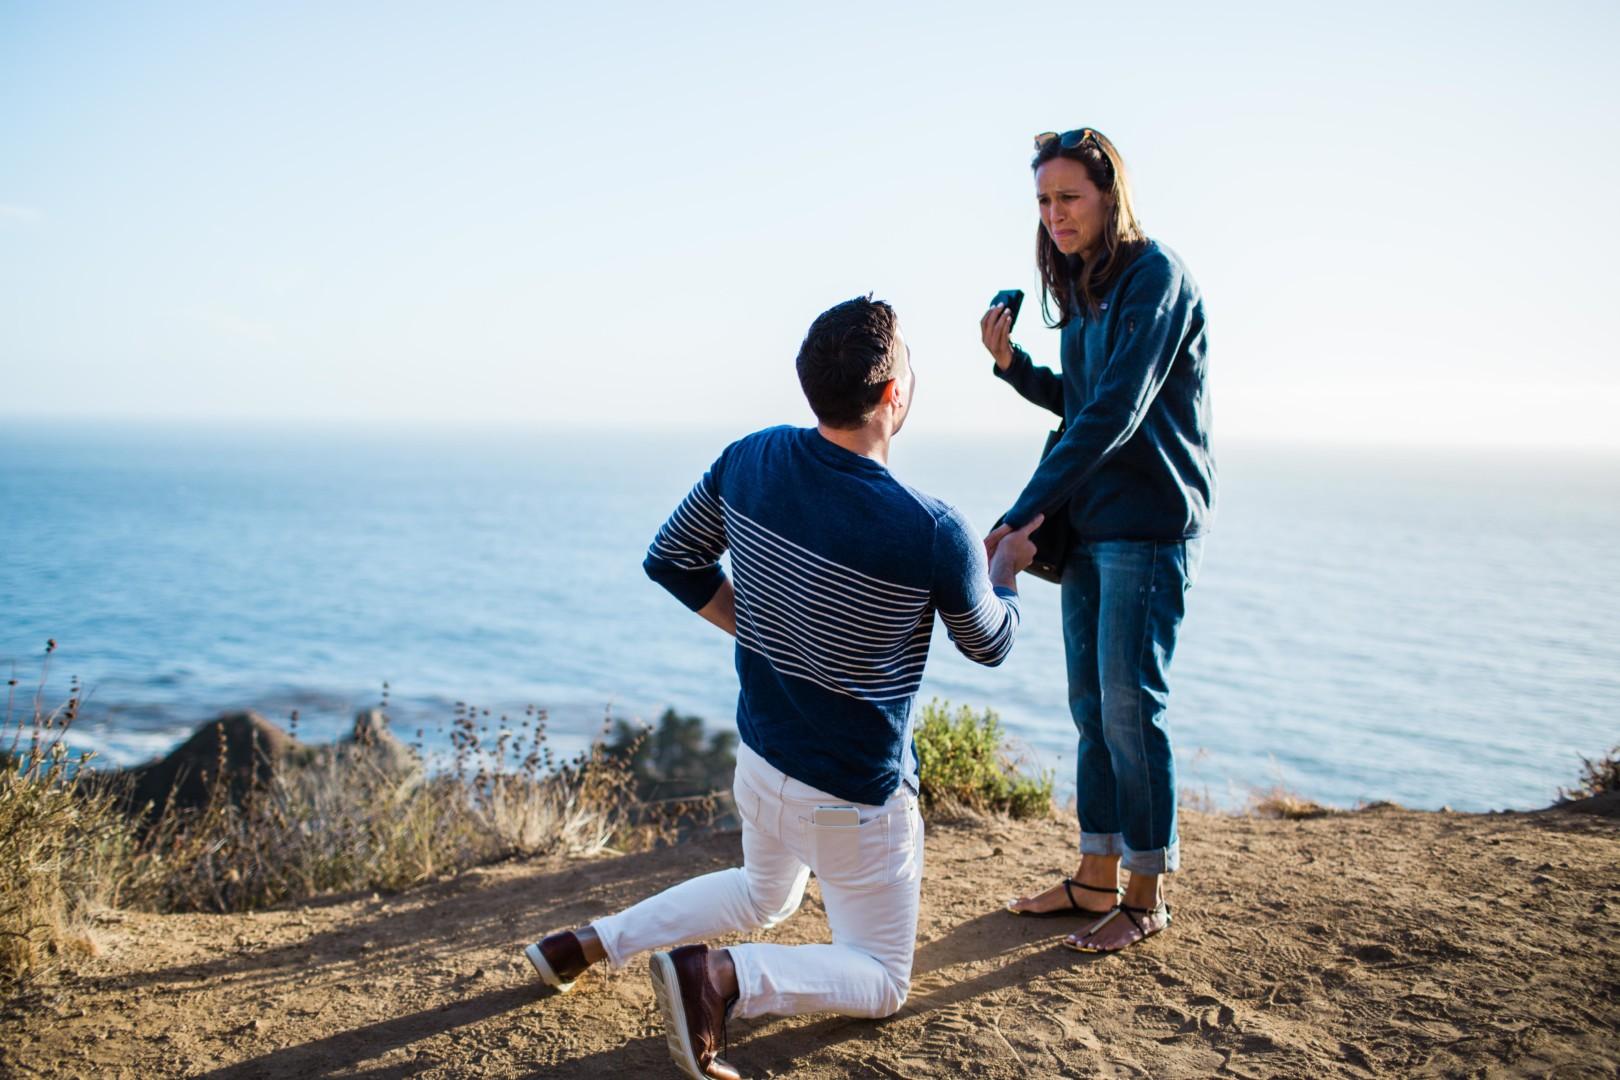 Big Sur Elopement Proposal Photographer Barkis Co